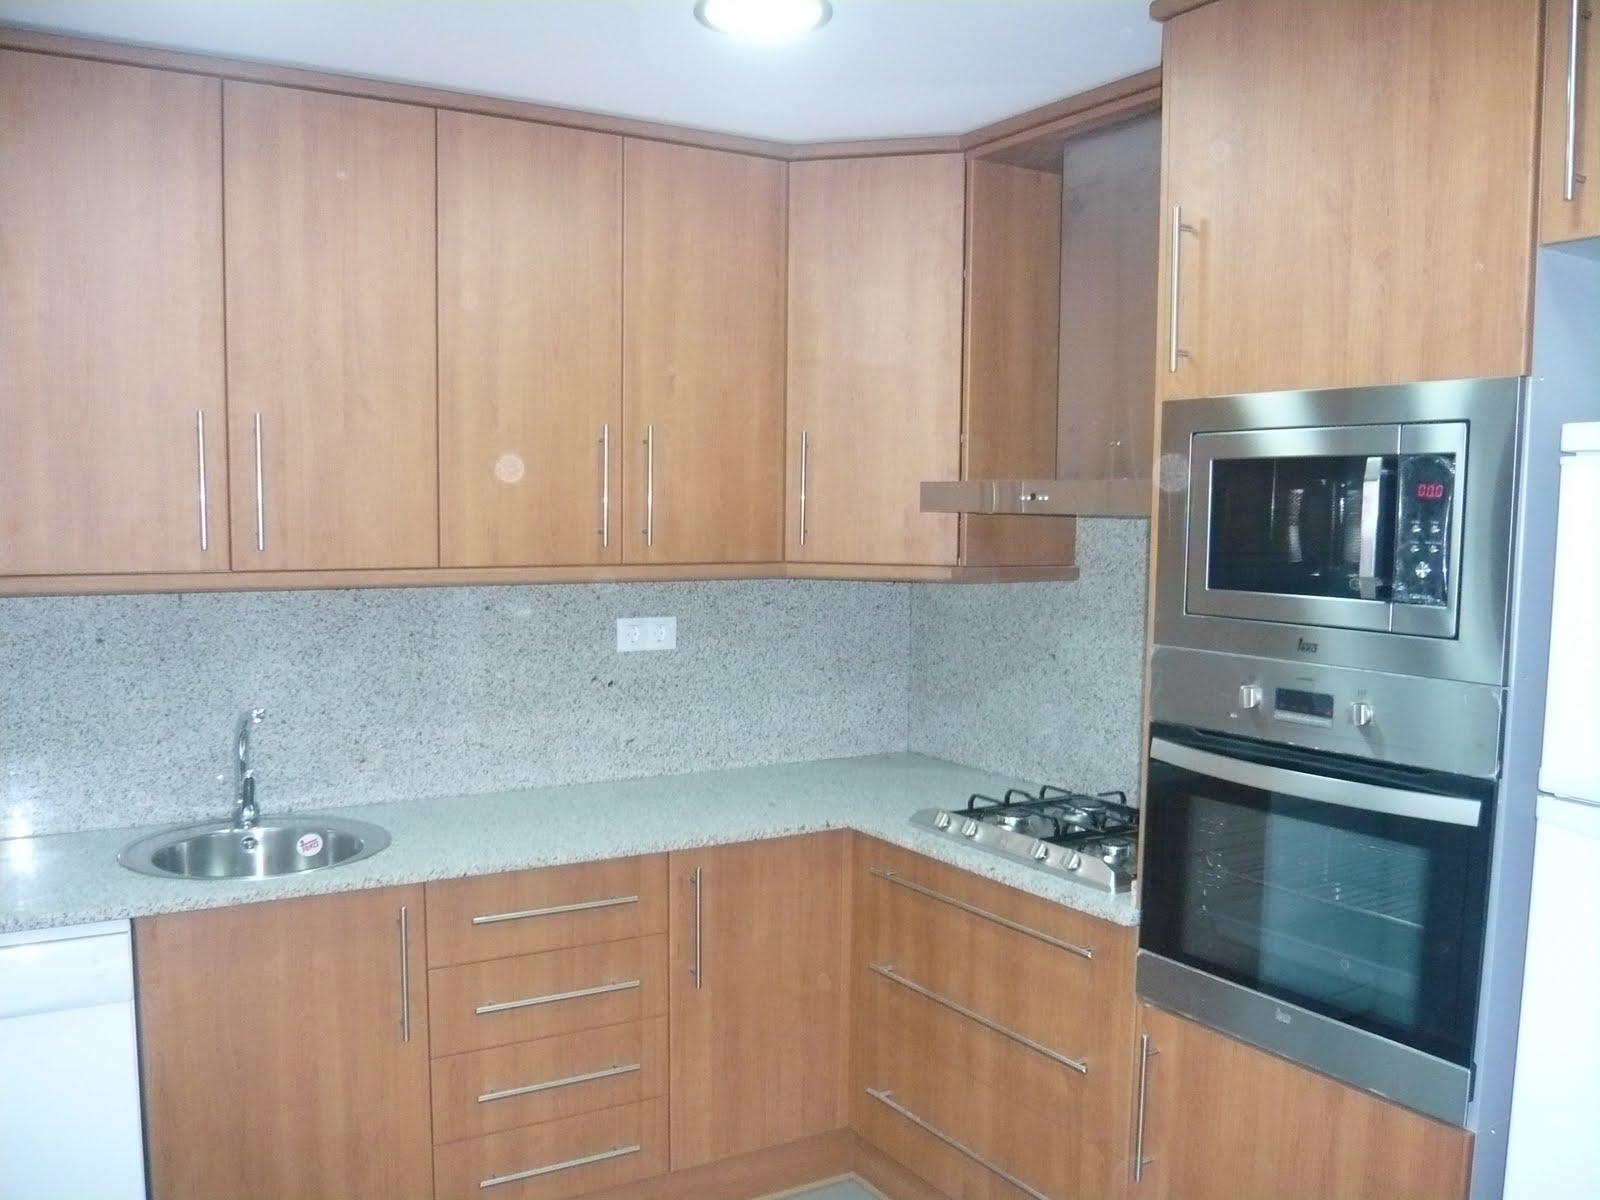 Muebles Cocina Antiguos - Decoración Del Hogar - Prosalo.com